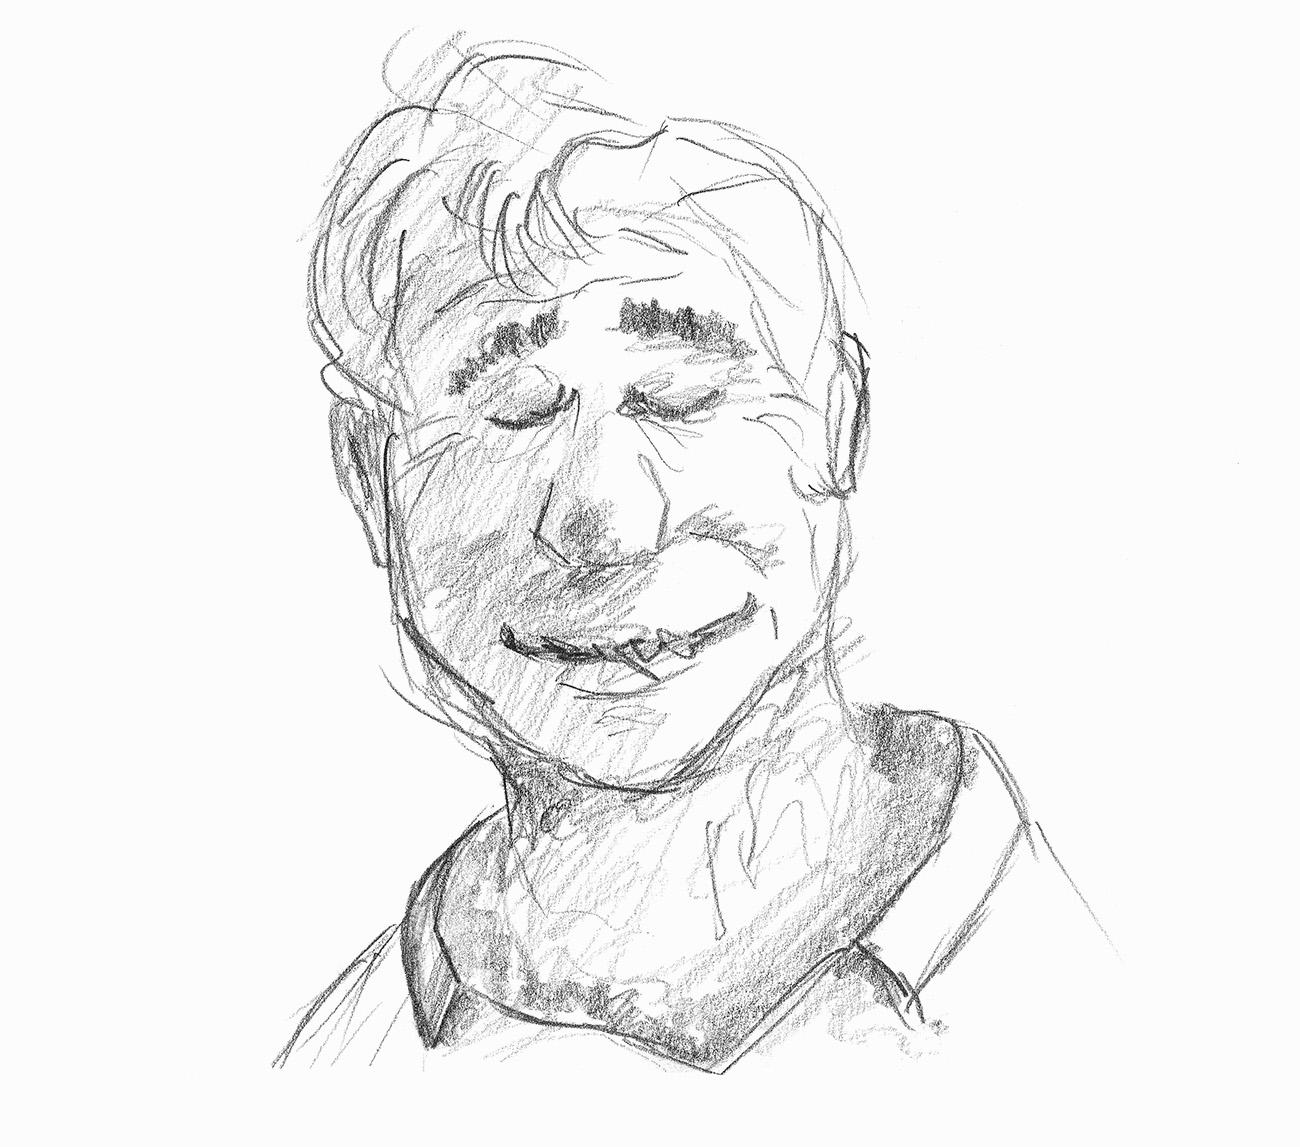 Porträtskizze eines Mannes mit geschlossenen Augen